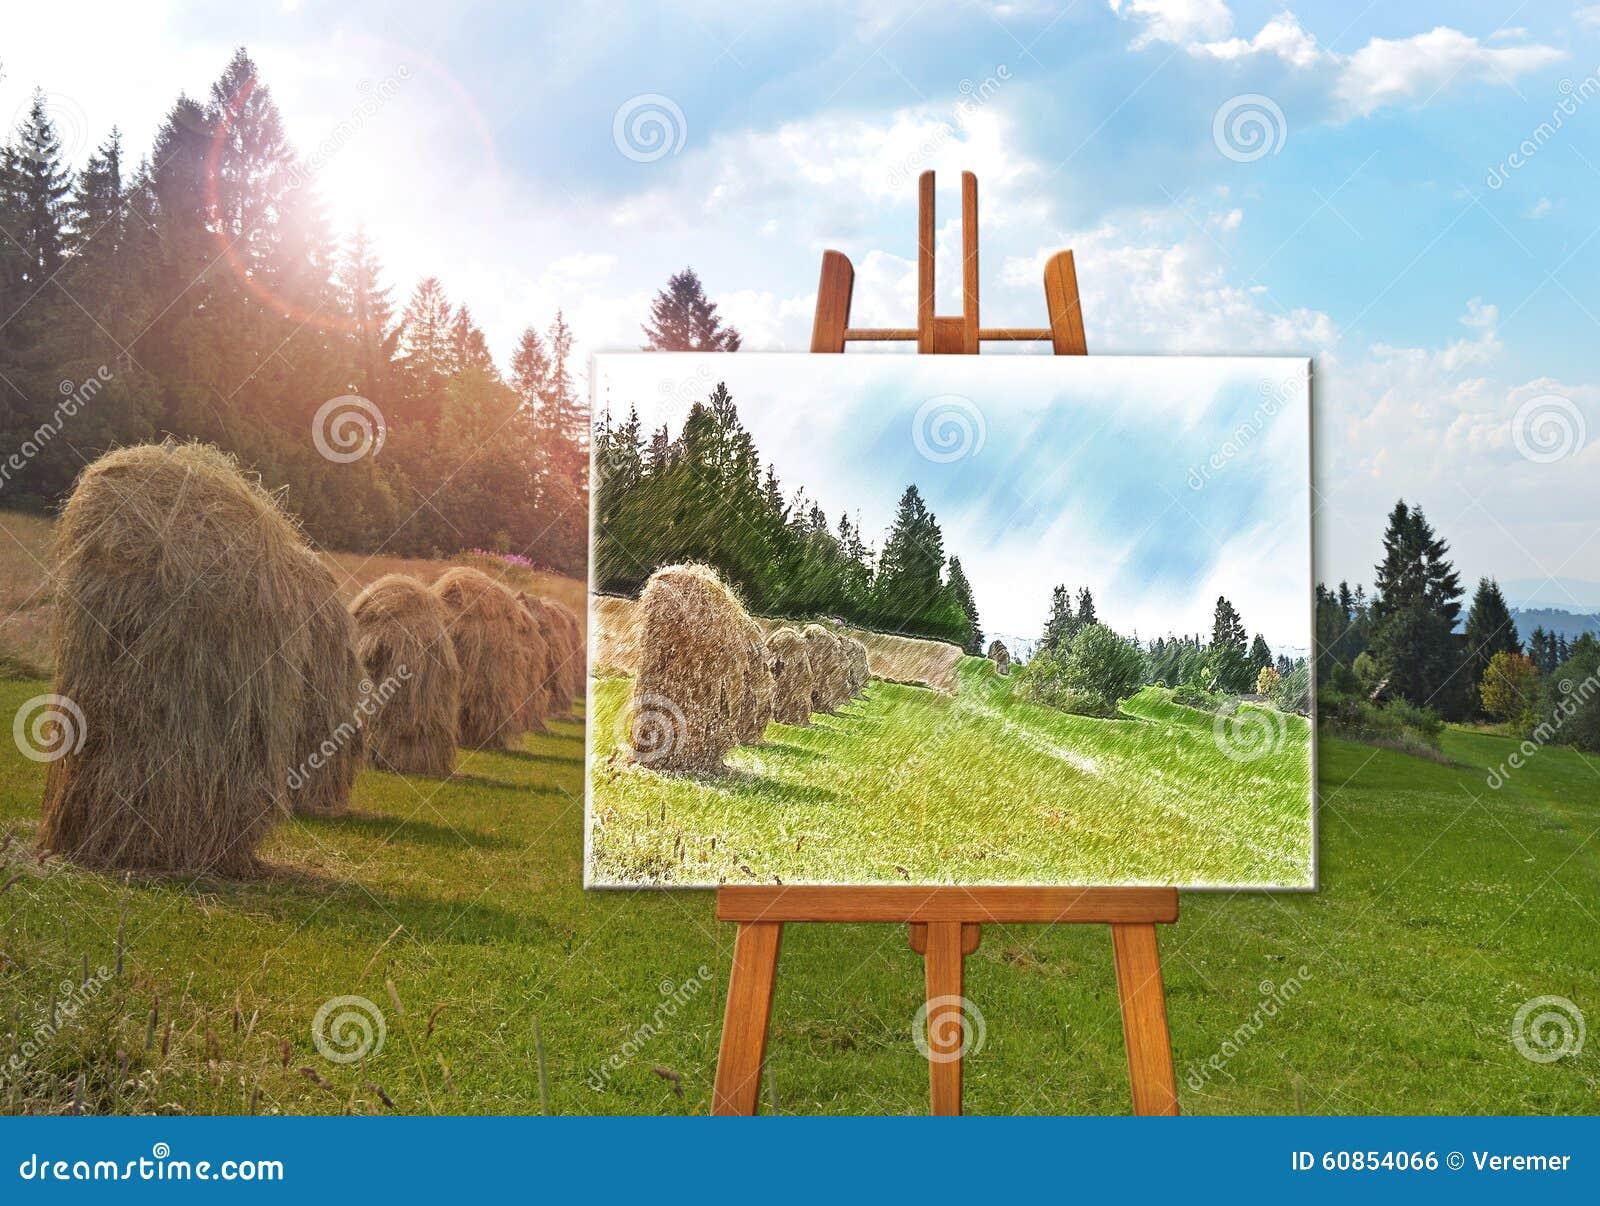 chevalet avec une photo de dessin sur la toile sur un paysage photo stock image 60854066. Black Bedroom Furniture Sets. Home Design Ideas